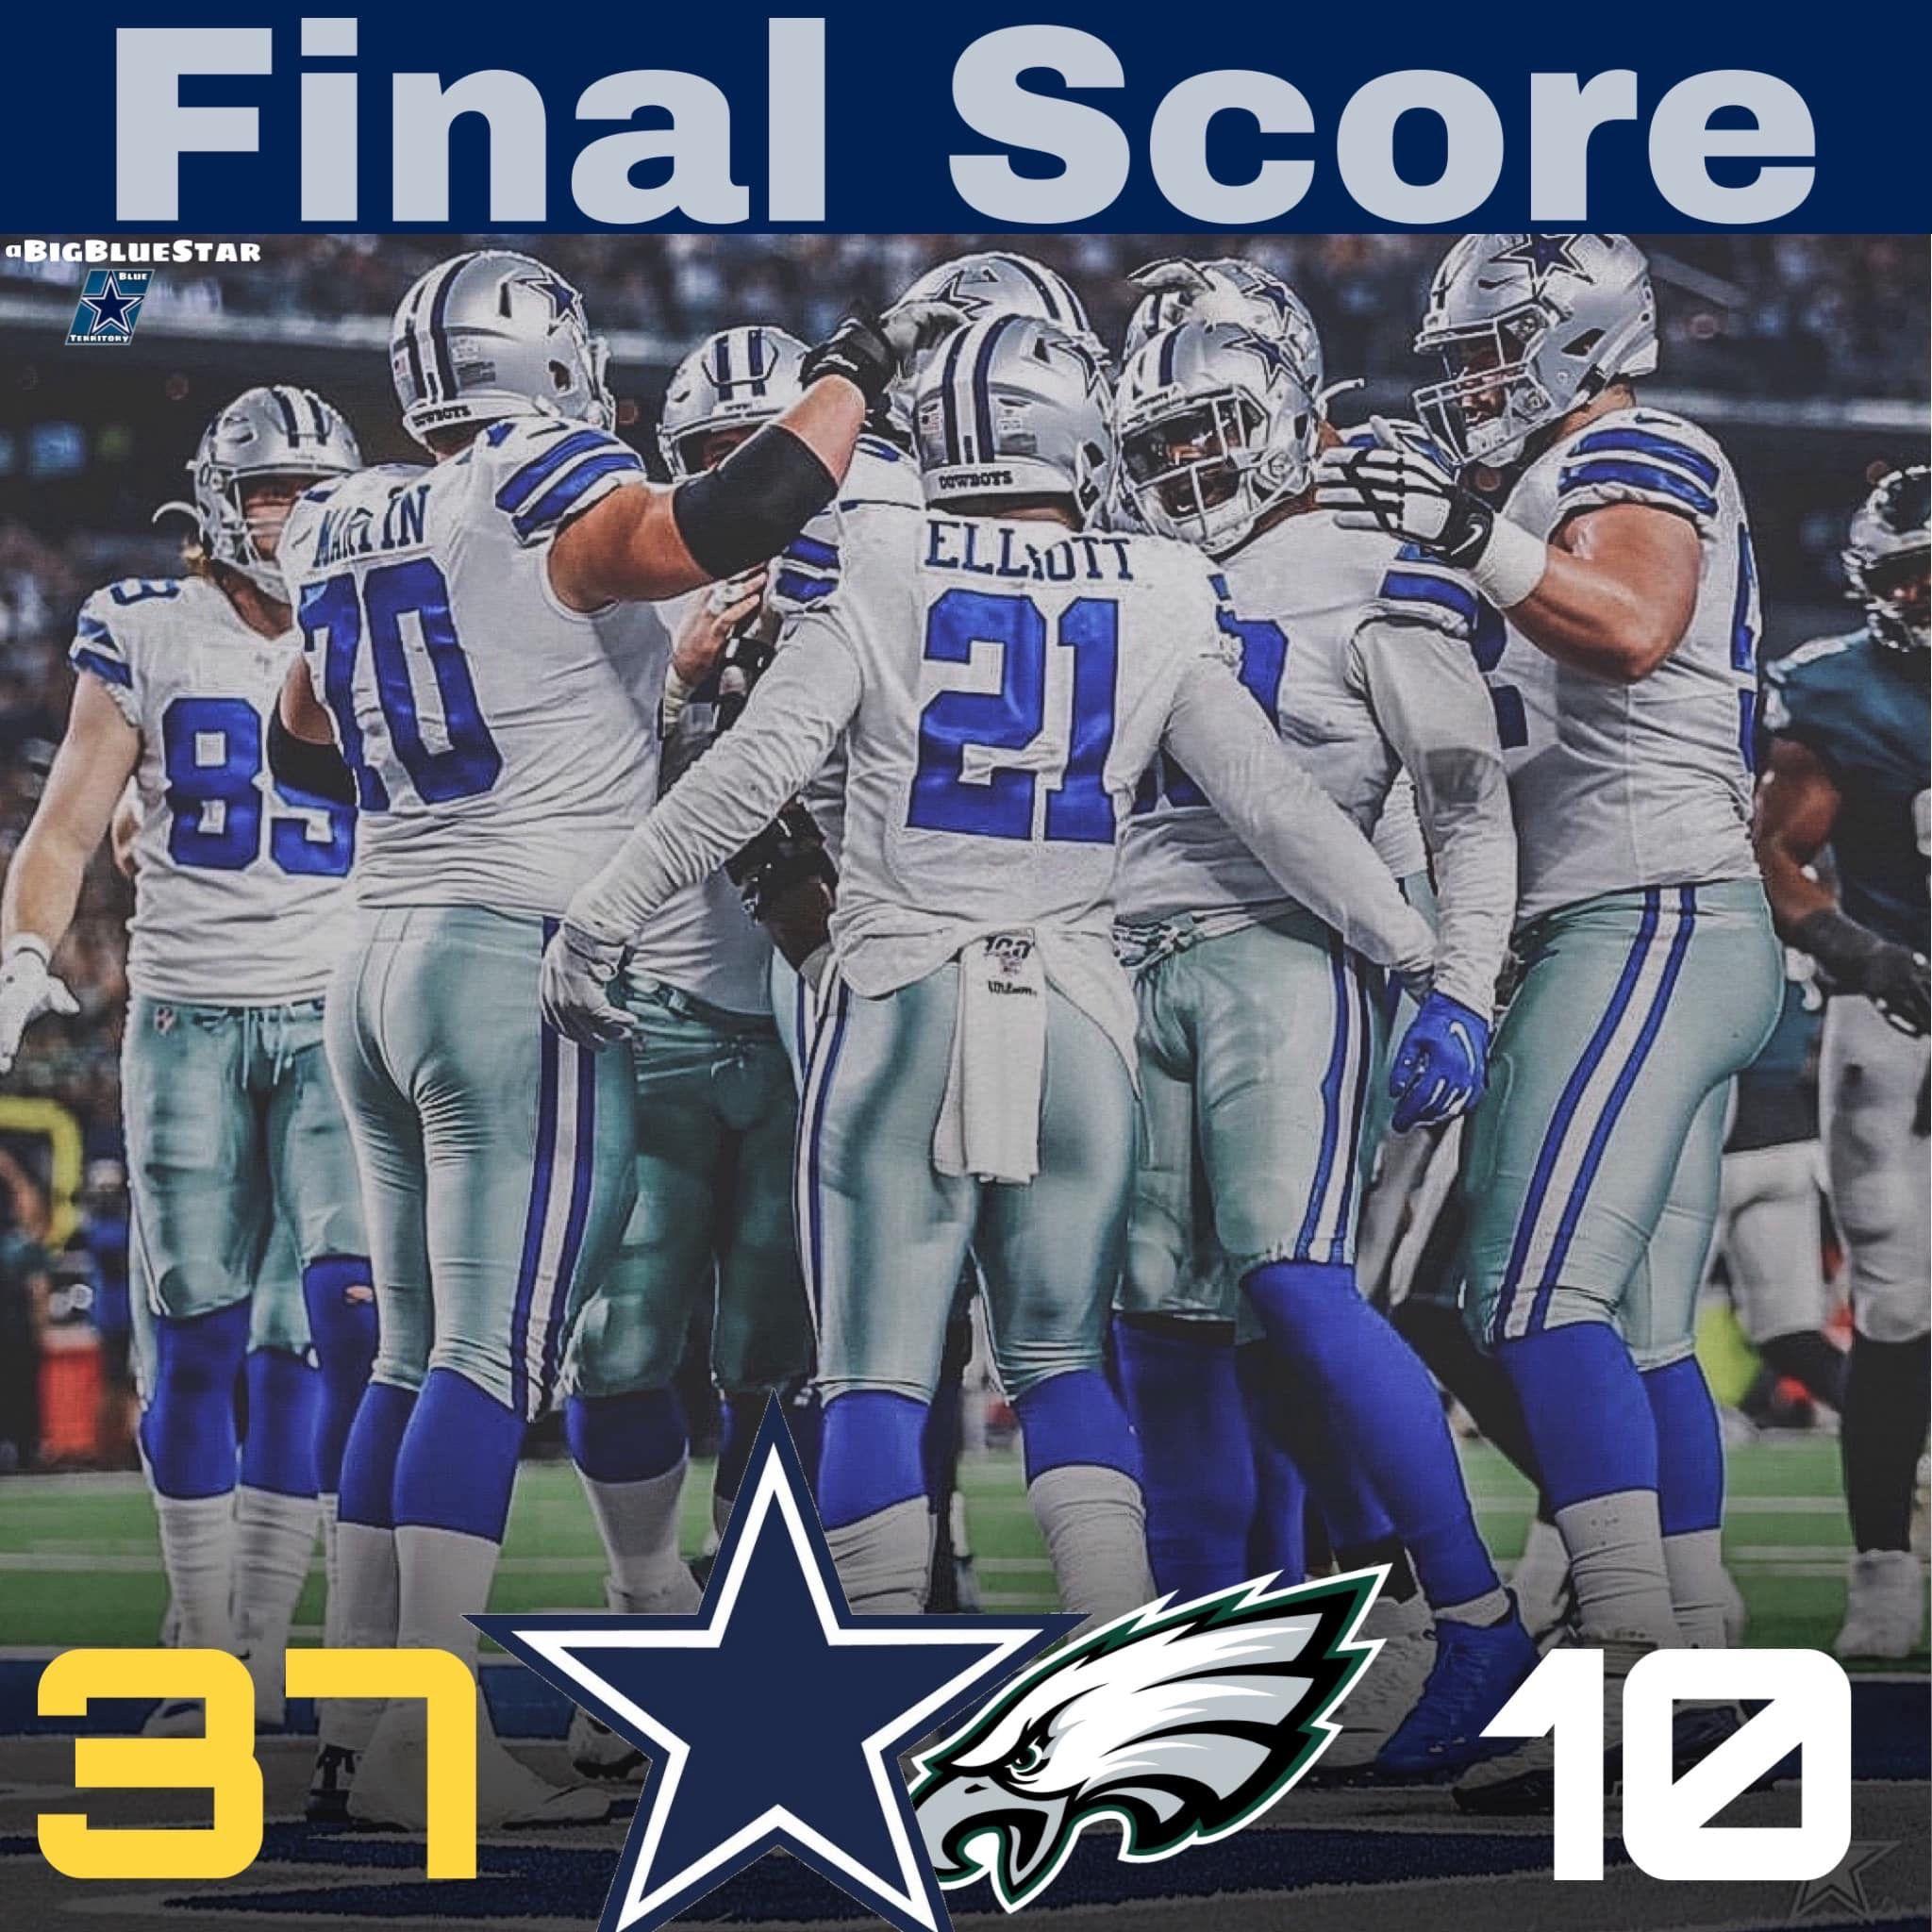 Nfl Week 7 Dallas Cowboys Vs Philadelphia Eagles In Arlington Texas Sunday Oct 20 2019 Dallas Cowboys Memes Dallas Cowboys Dallas Cowboys Football Team